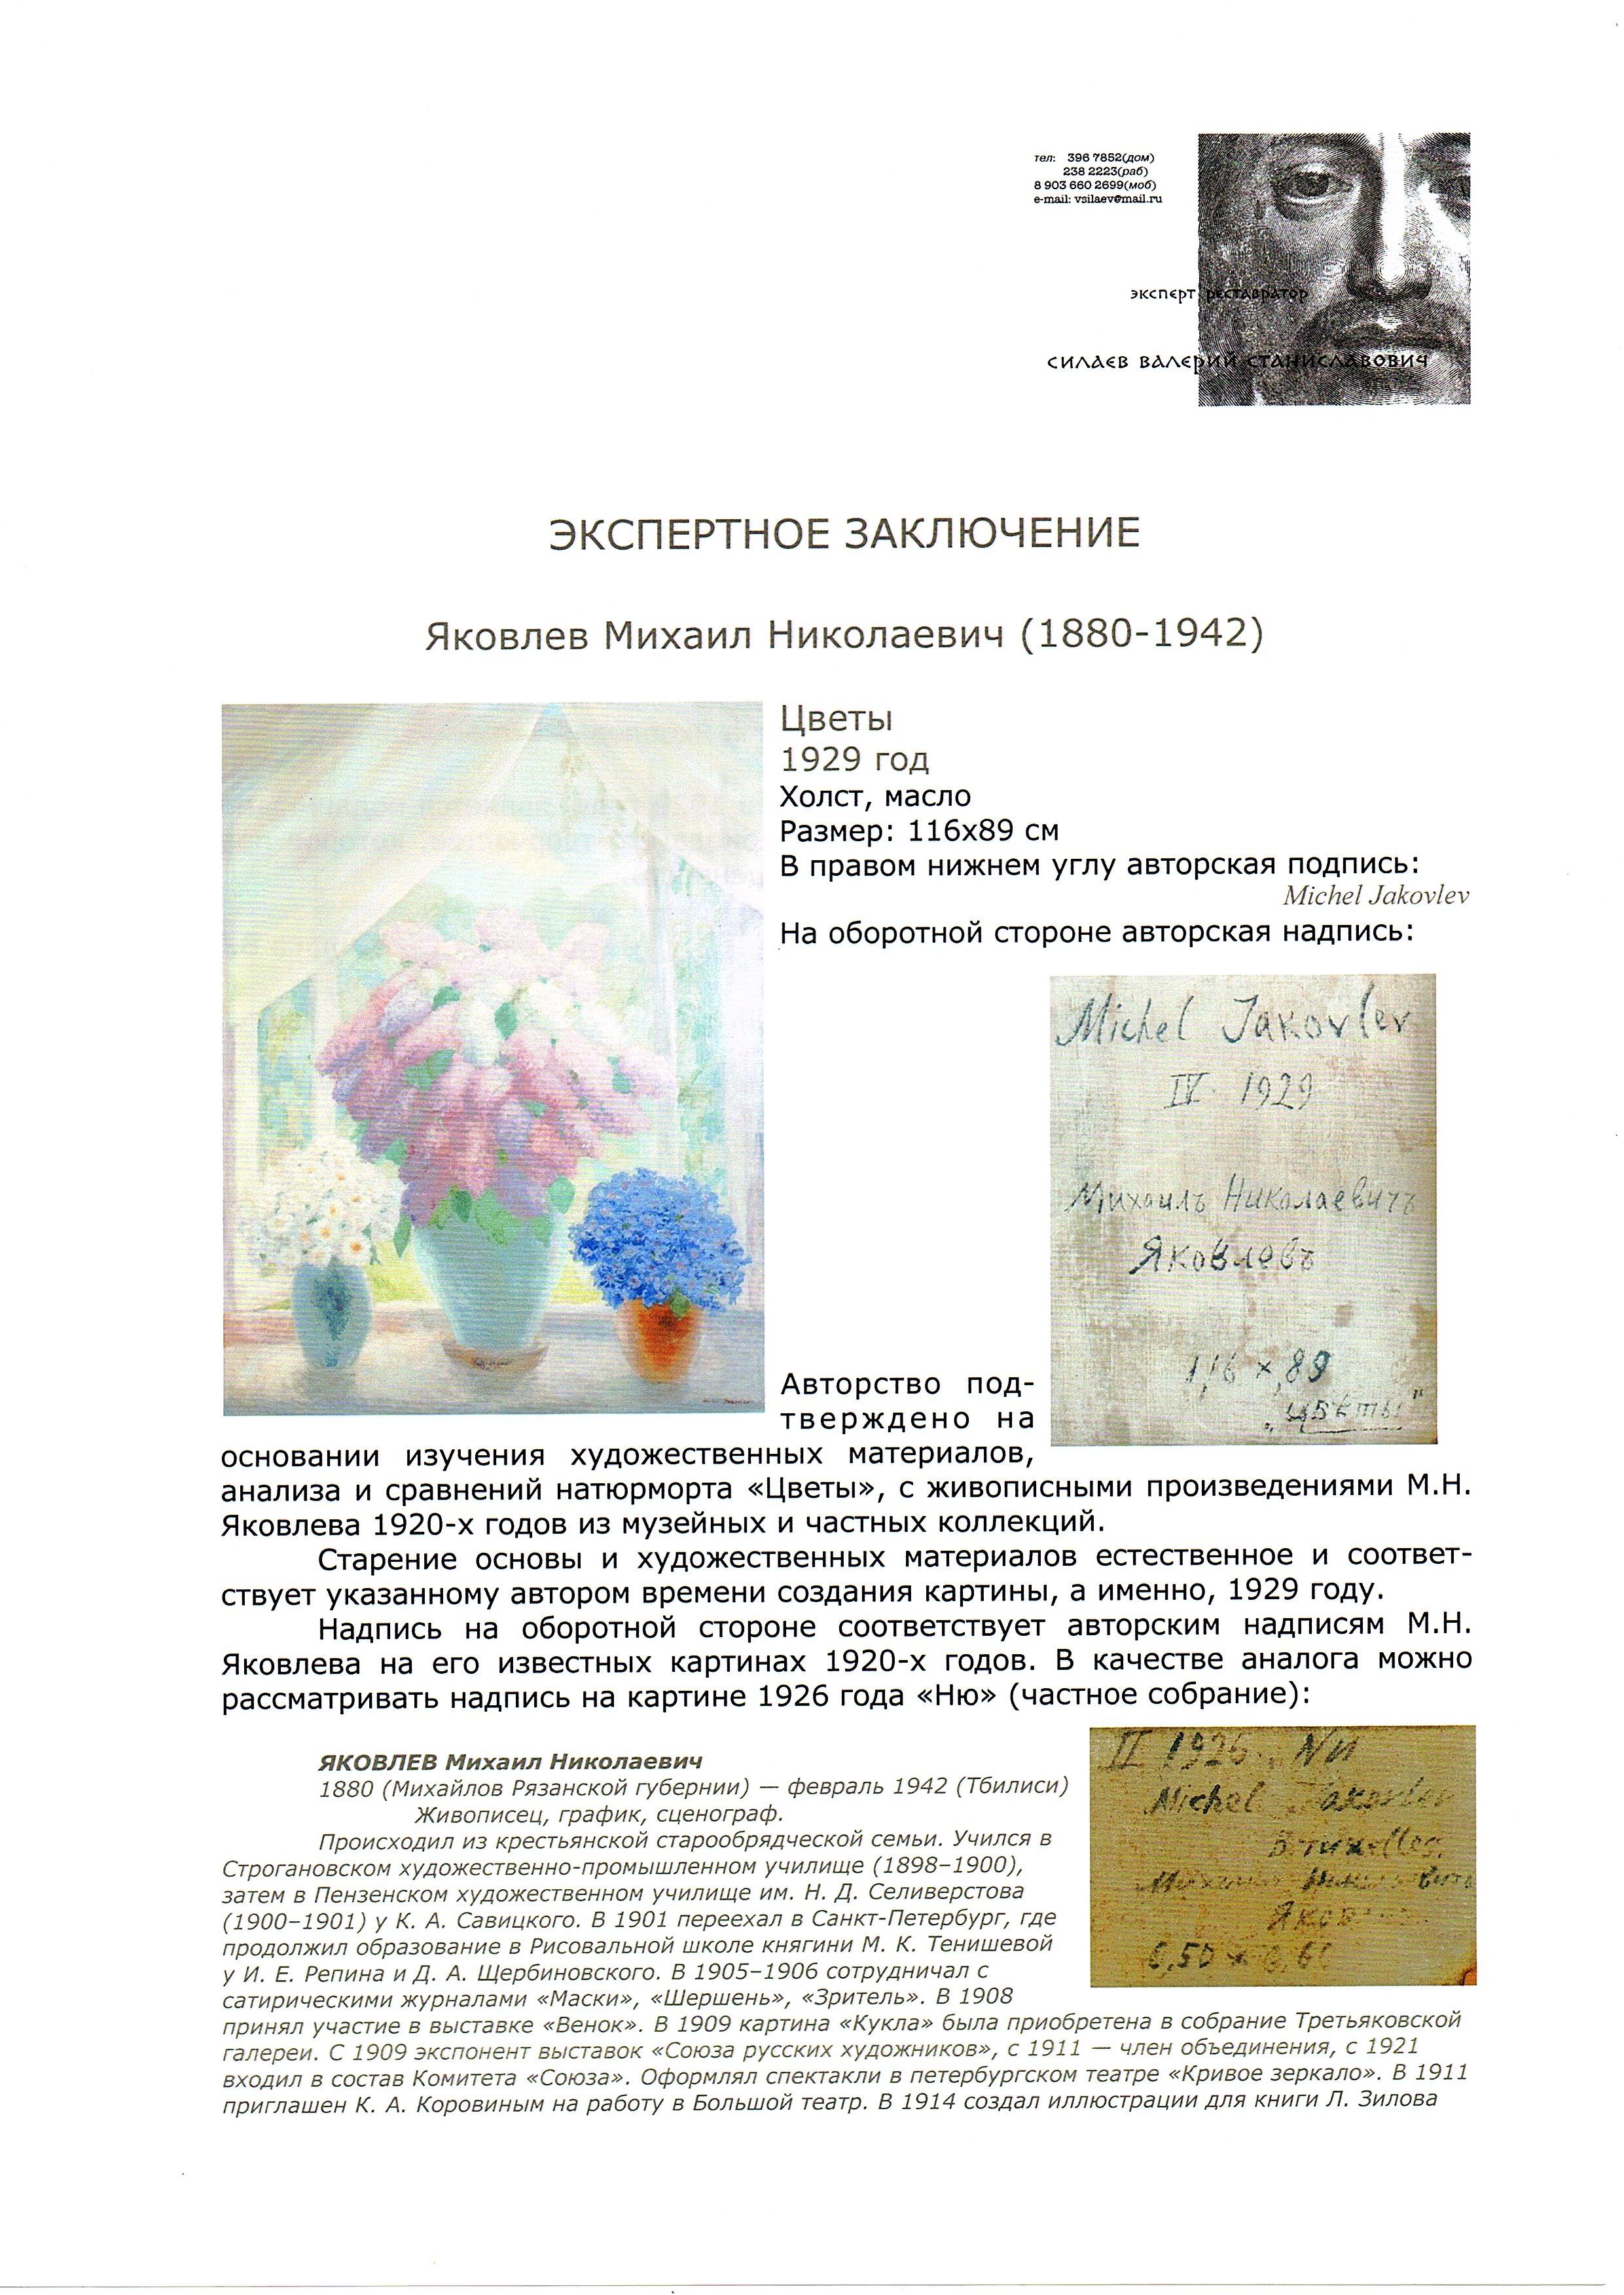 Яковлев Михаил Николаевич«Цветы» 1929 г.